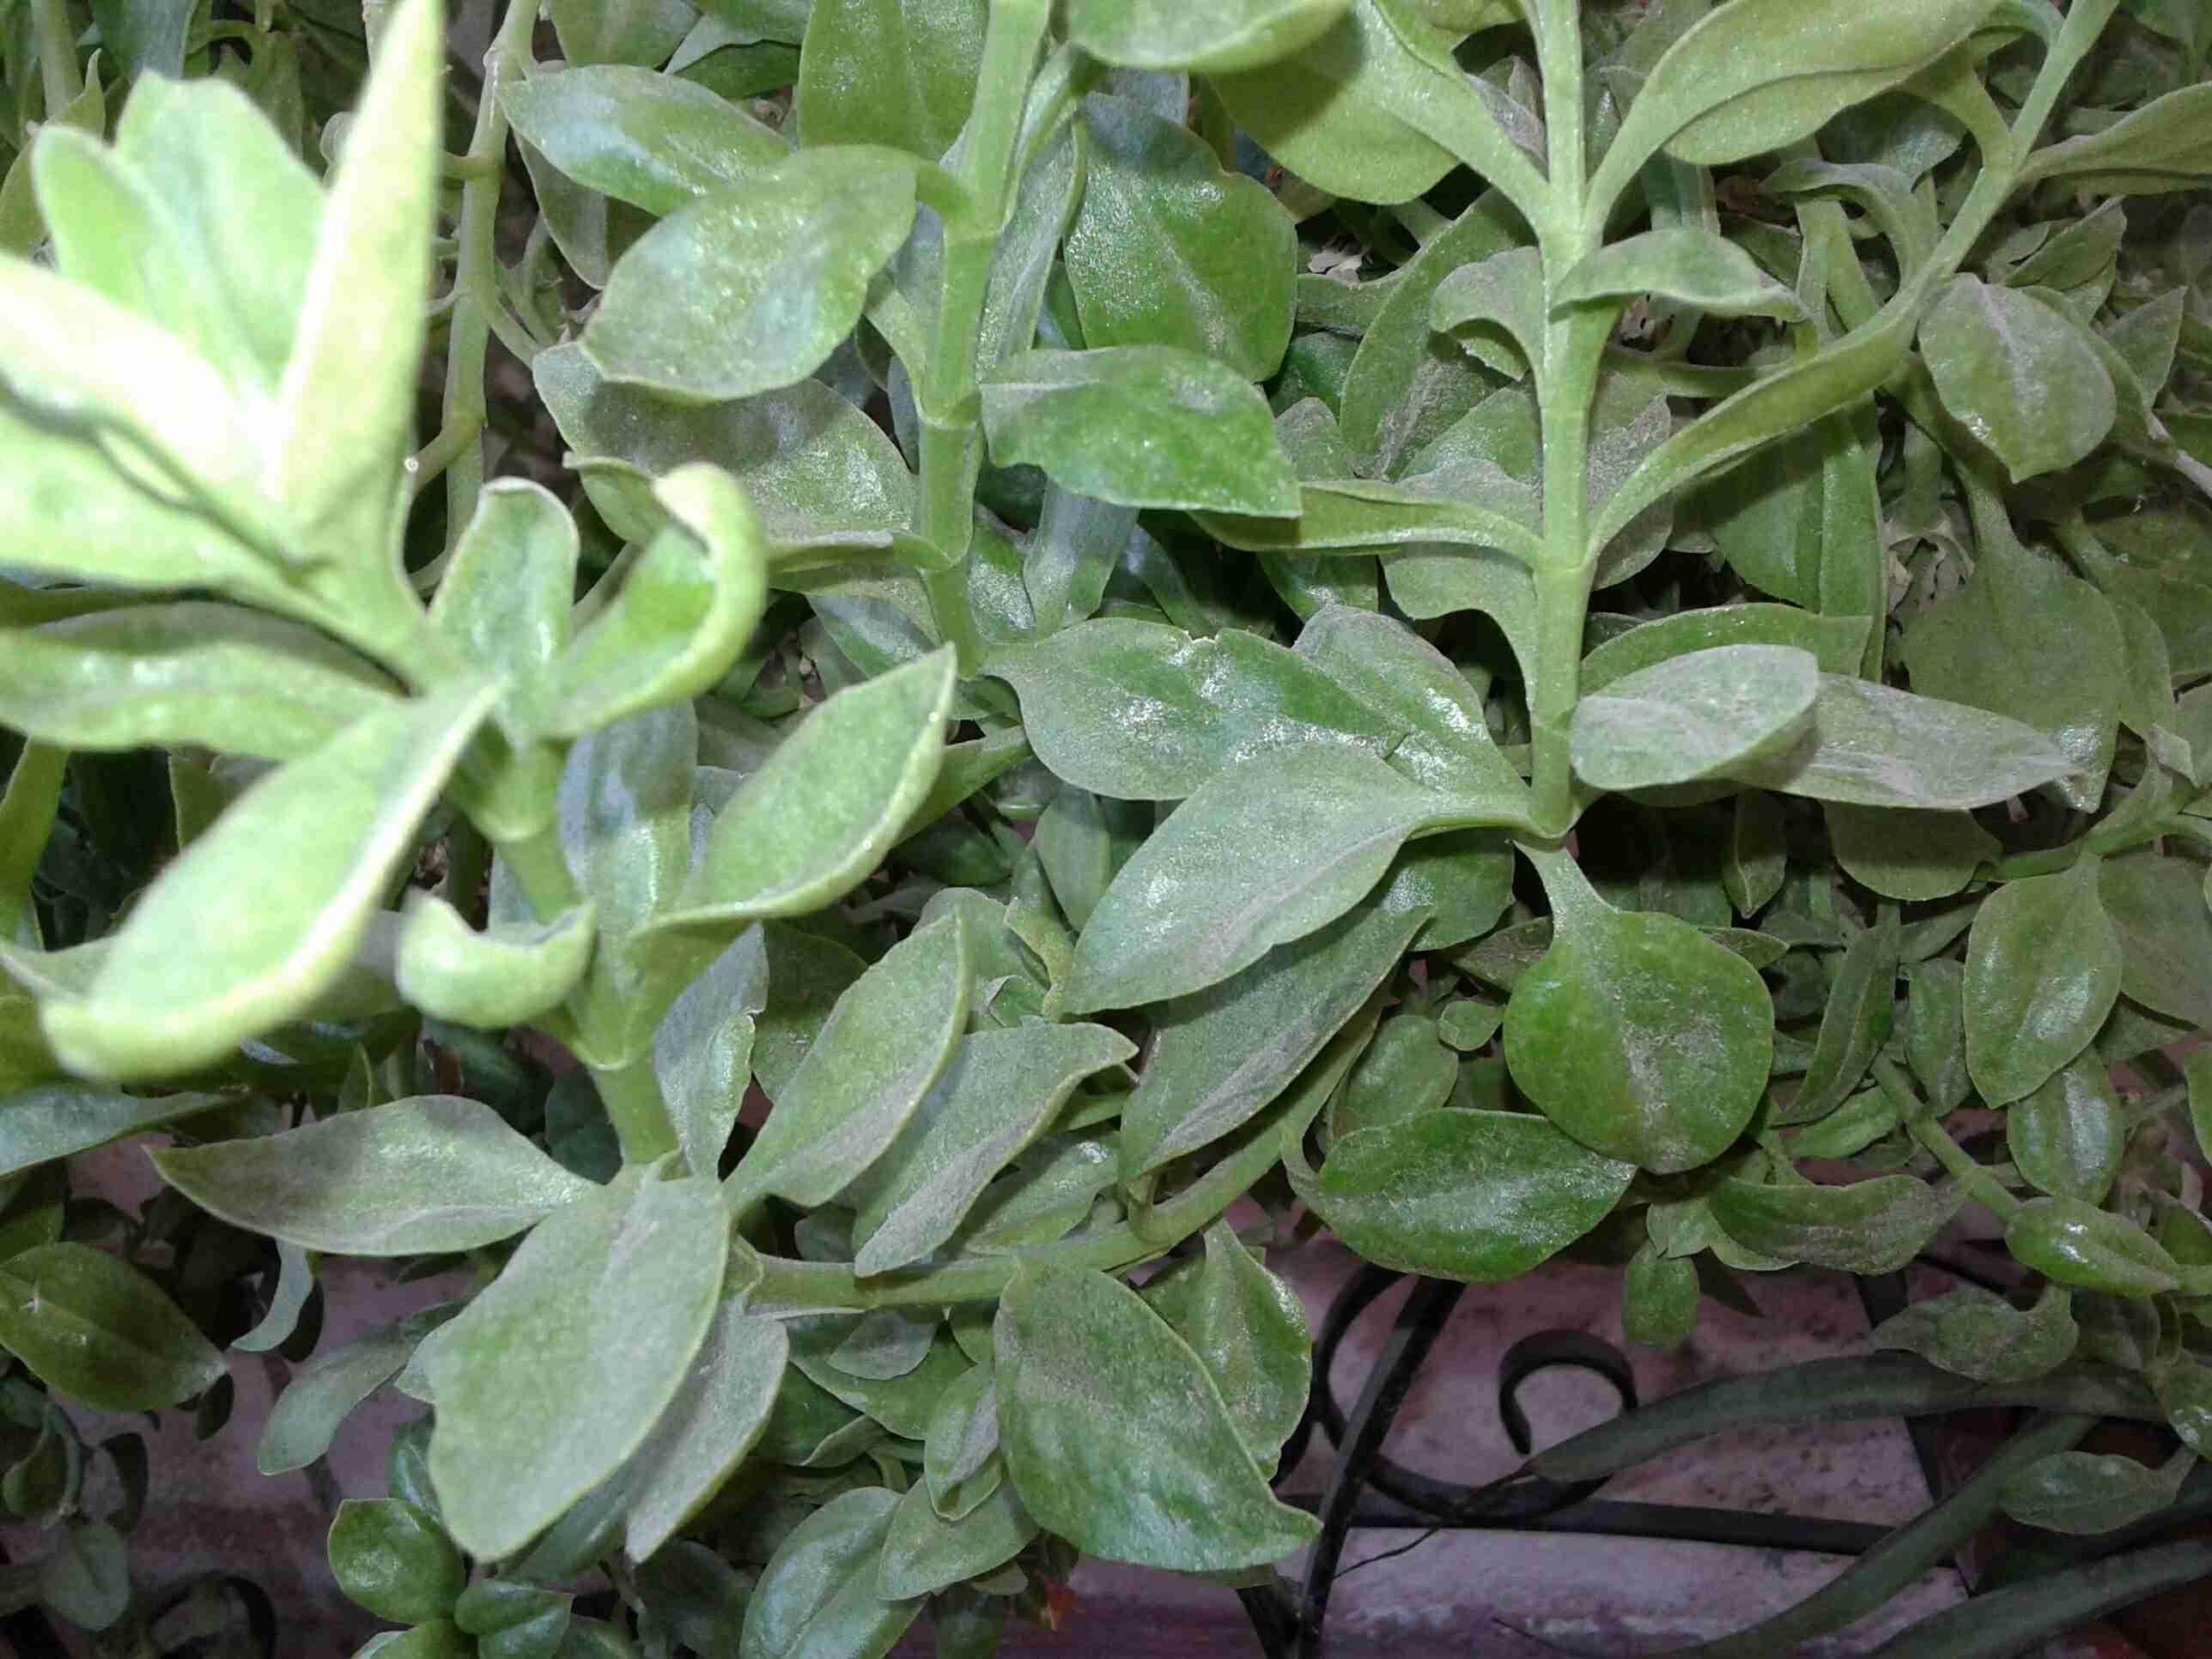 نبتة قطر الندى او تراجي العروس كيف يمكننا زراعتها والاكثار منها زاكي Plants Vegetables Spinach